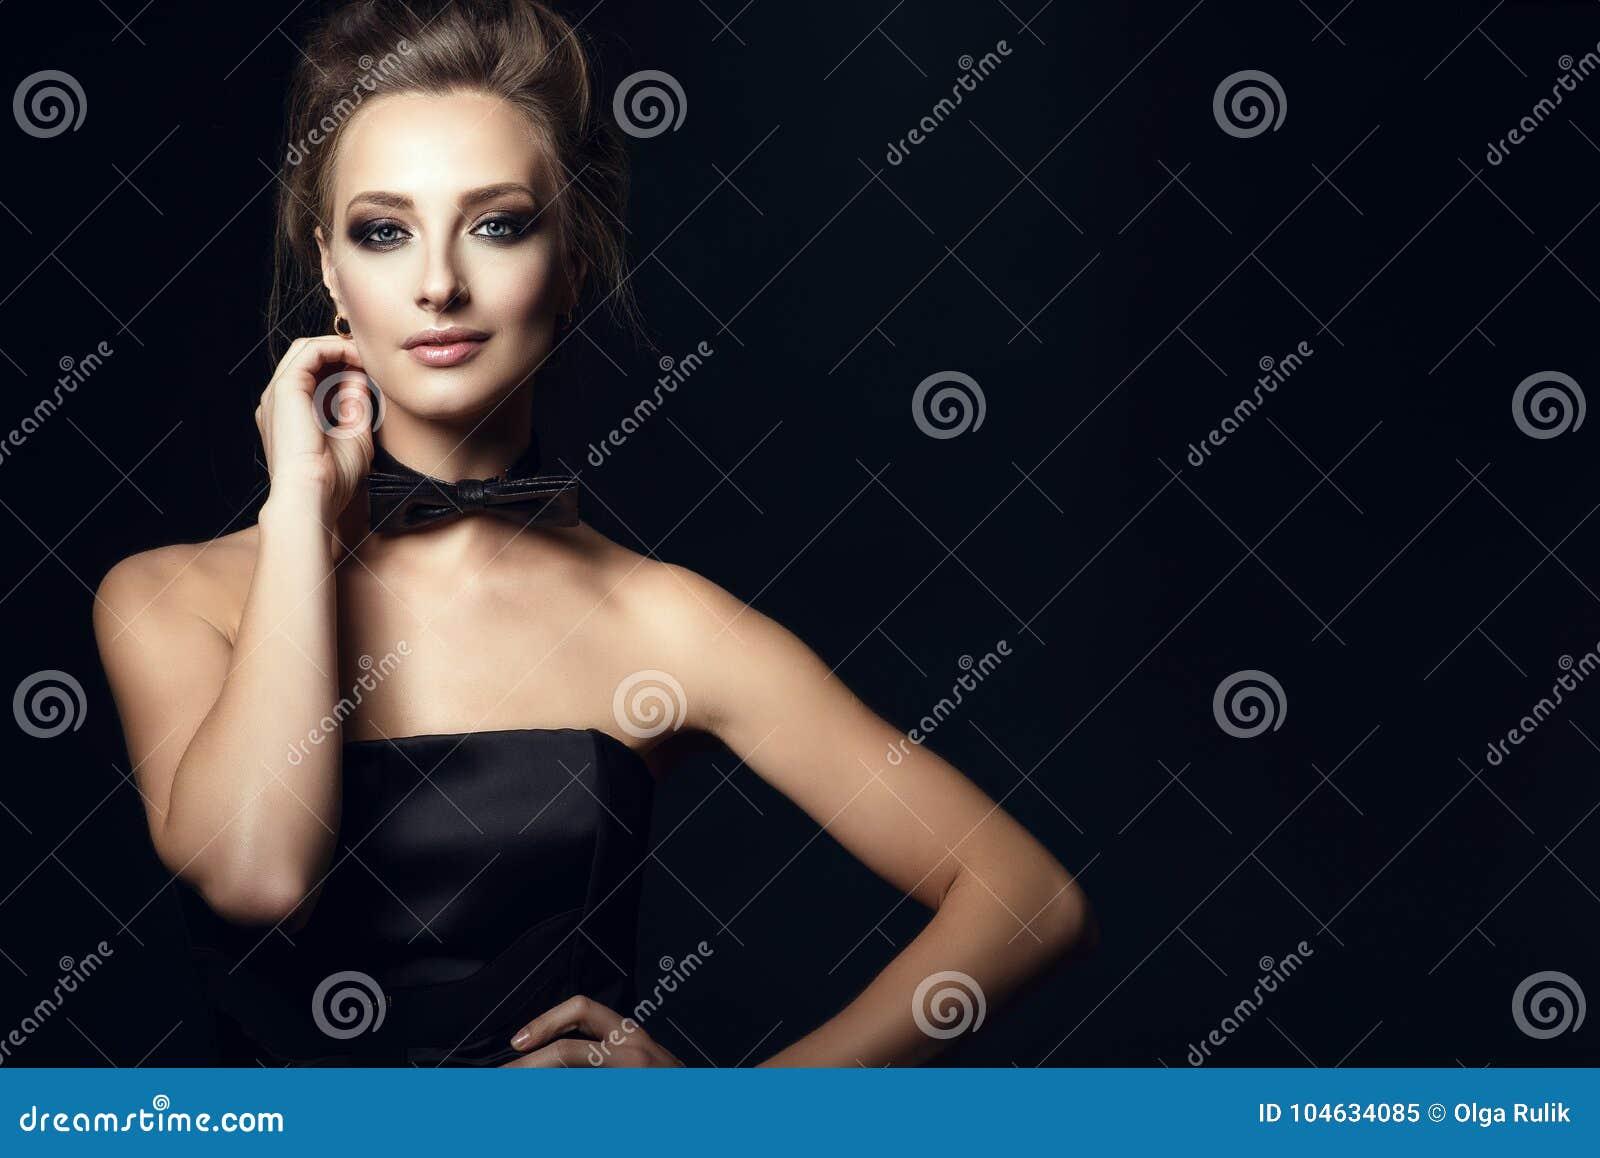 Download De Schitterende Glamvrouw Met Mooi Maakt Omhoog En Updohaar Die Zwarte Korsetkleding En Vlinderdas Op Haar Hals Dragen Stock Afbeelding - Afbeelding bestaande uit aantrekkelijk, gevoelig: 104634085